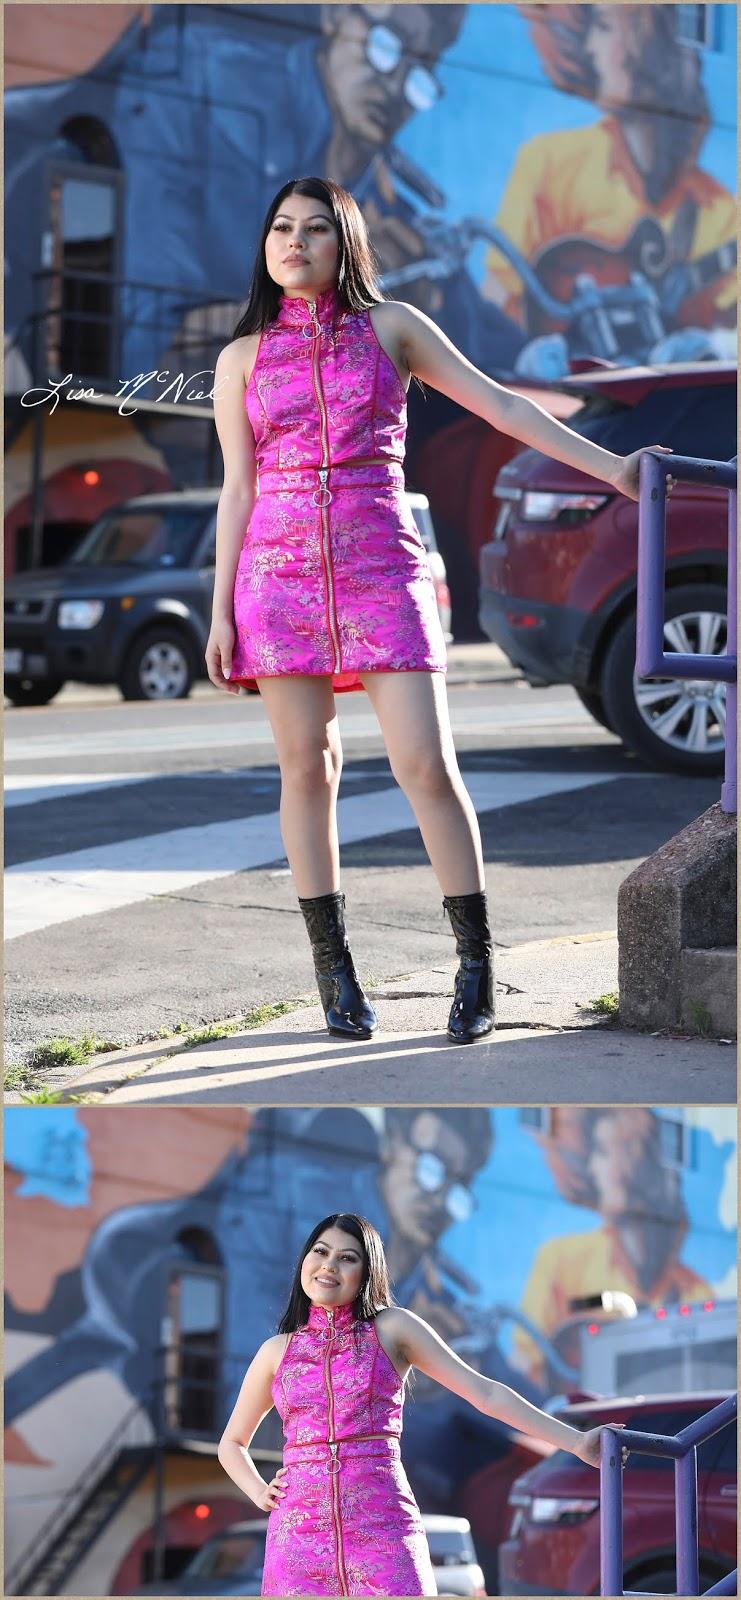 teen girl with graffiti